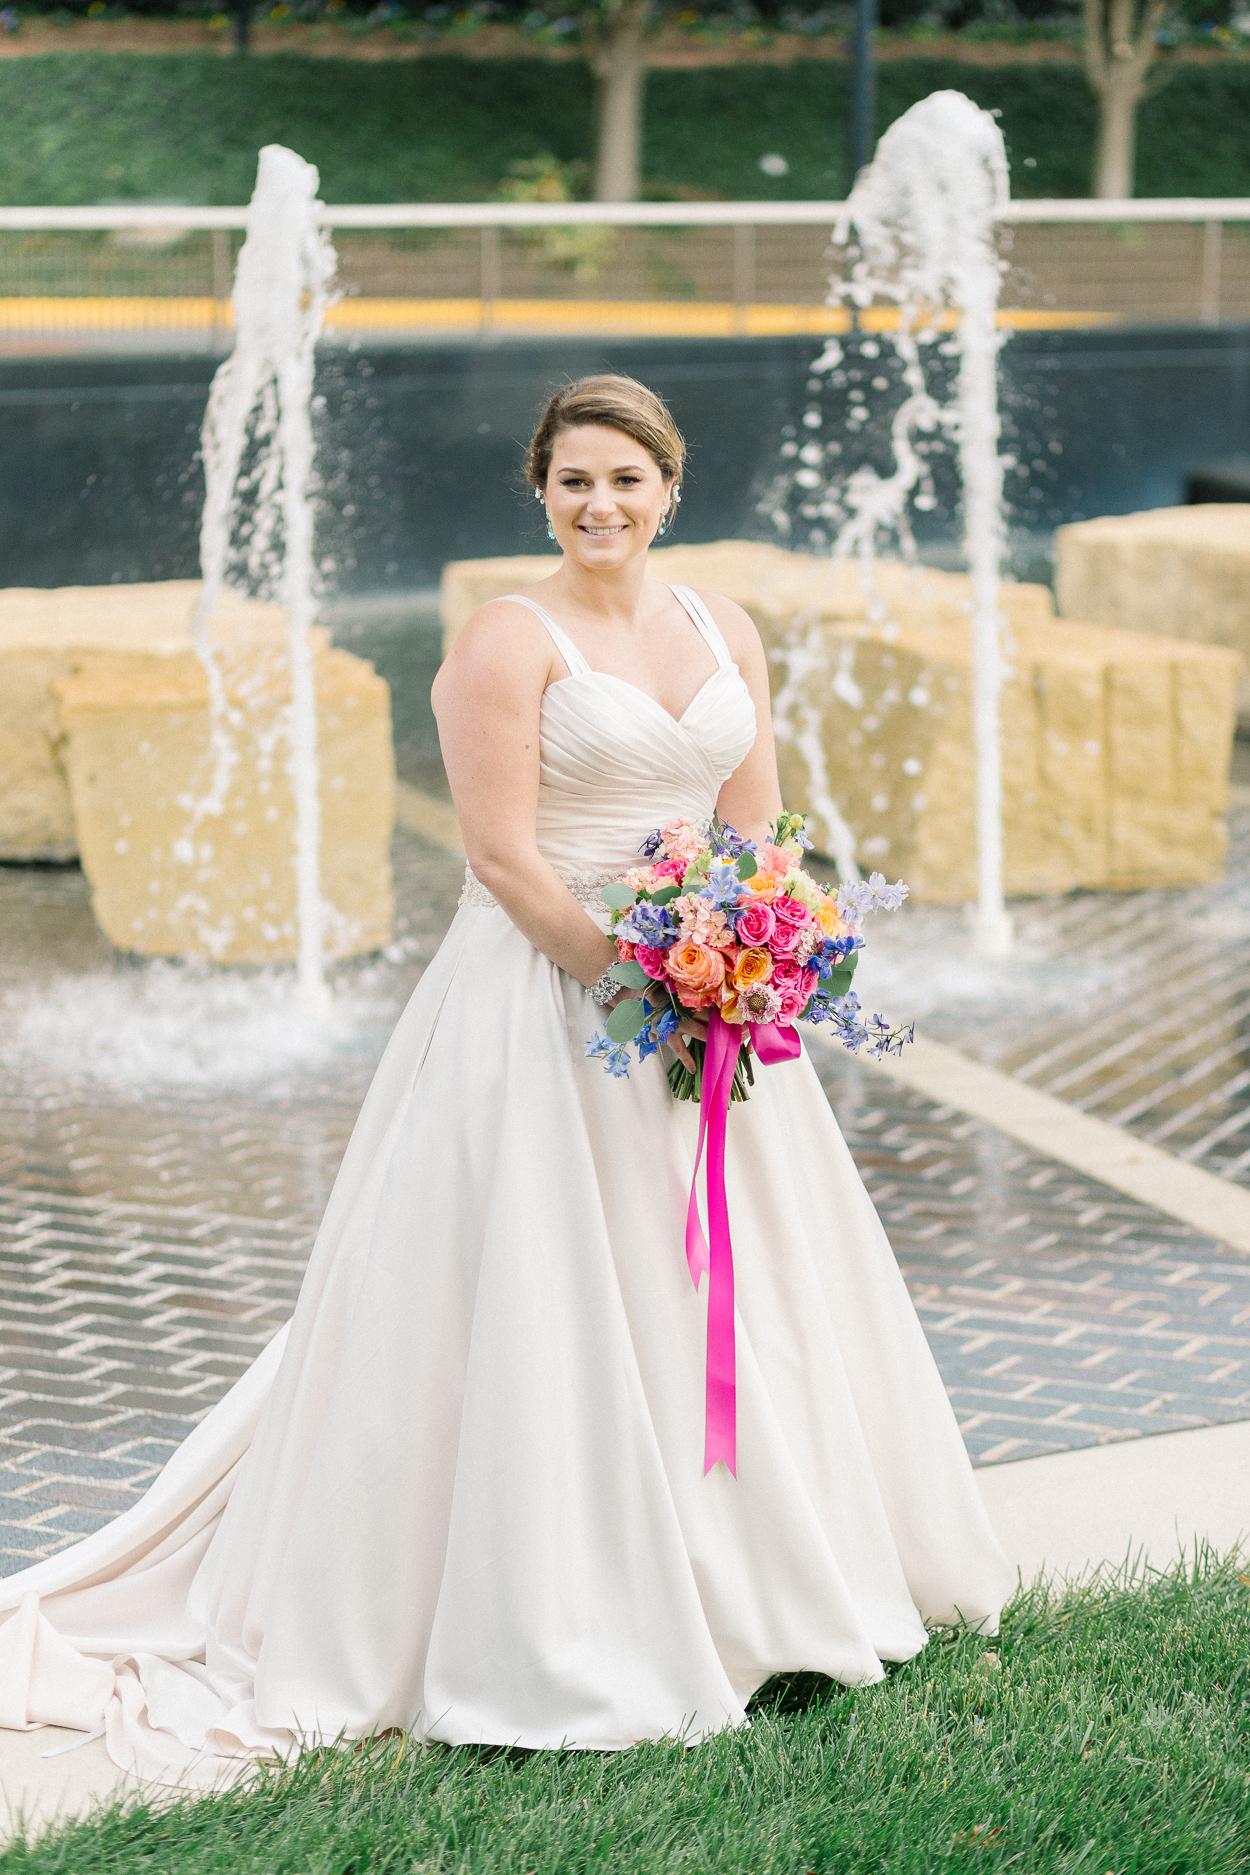 tower-club-wedding-bridal-portrait-at-fountain